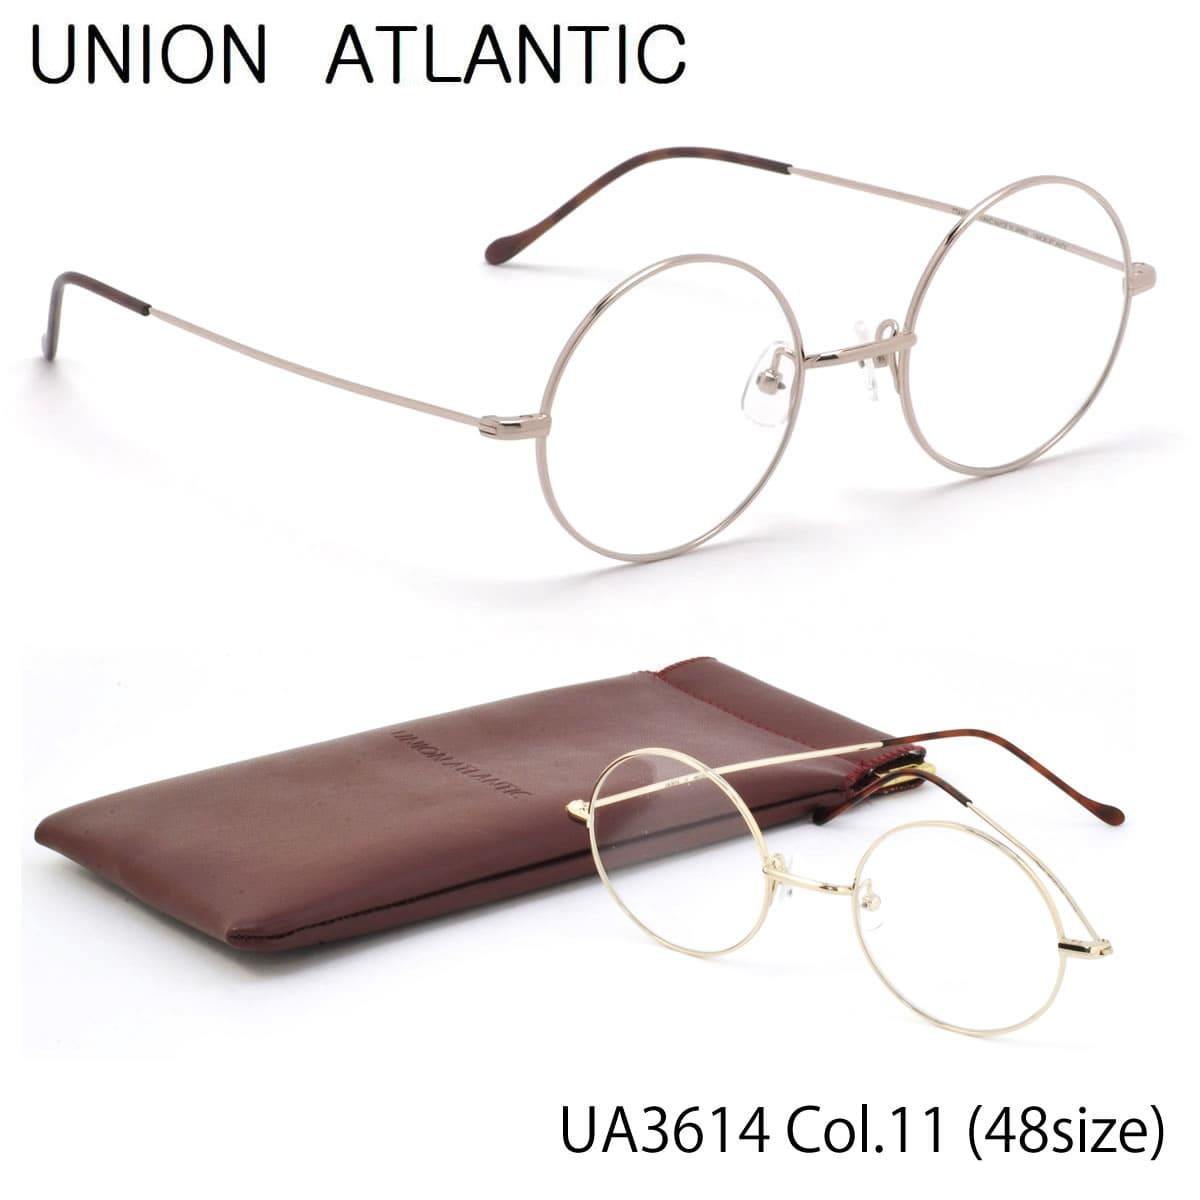 ポイント最大42倍!!お得なクーポンも !! 【ユニオンアトランティック】 (UNION ATLANTIC) メガネUA3614 11 48サイズ日本製 丸メガネ AMIPARISUNIONATLANTIC 伊達メガネレンズ無料 メンズ レディース